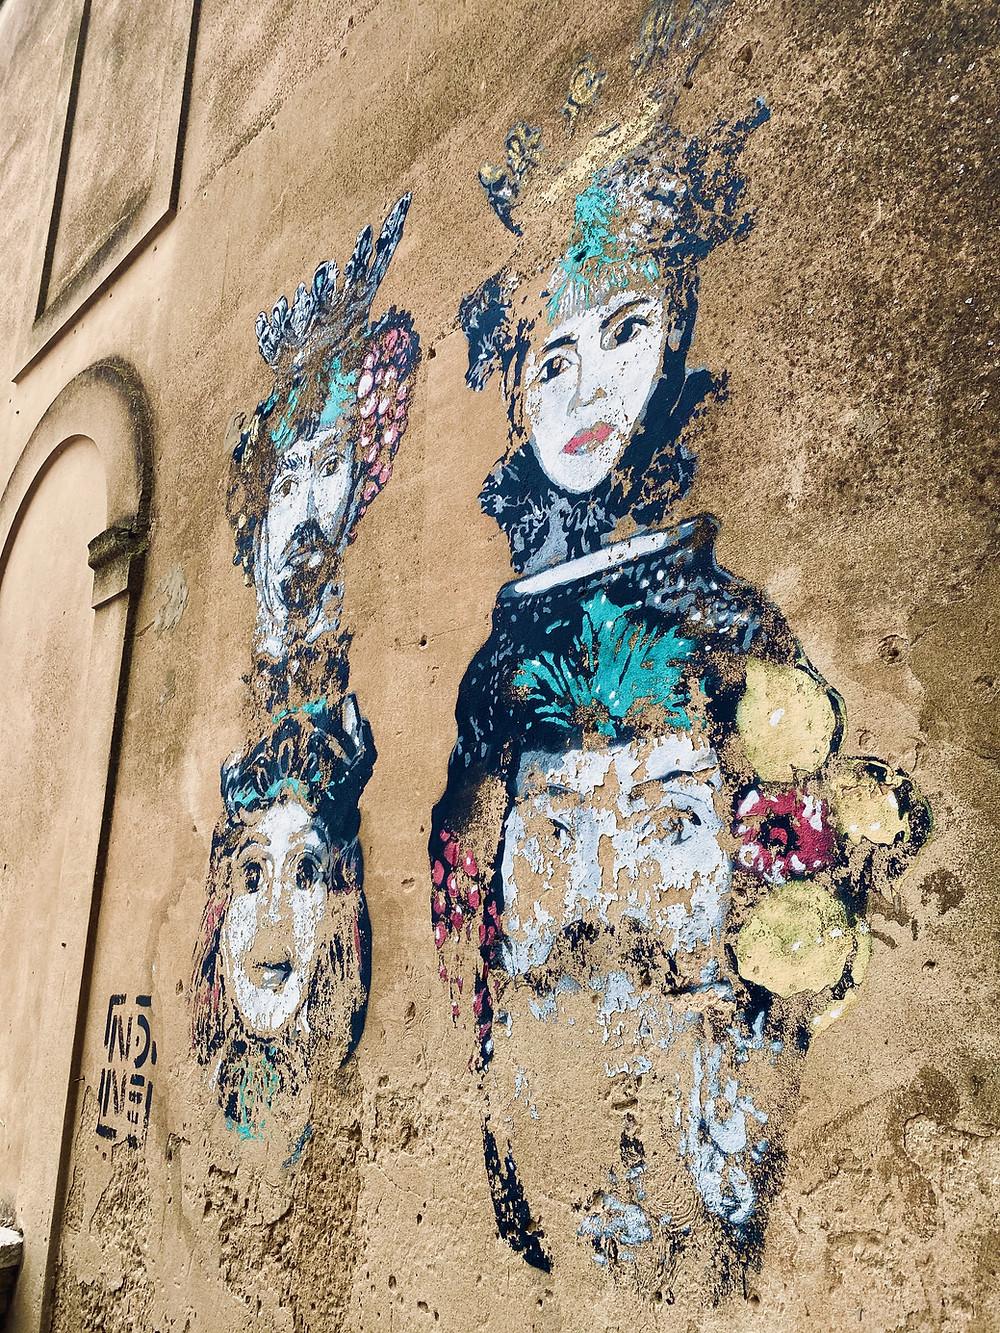 caltagirone-sicily-street-art-1